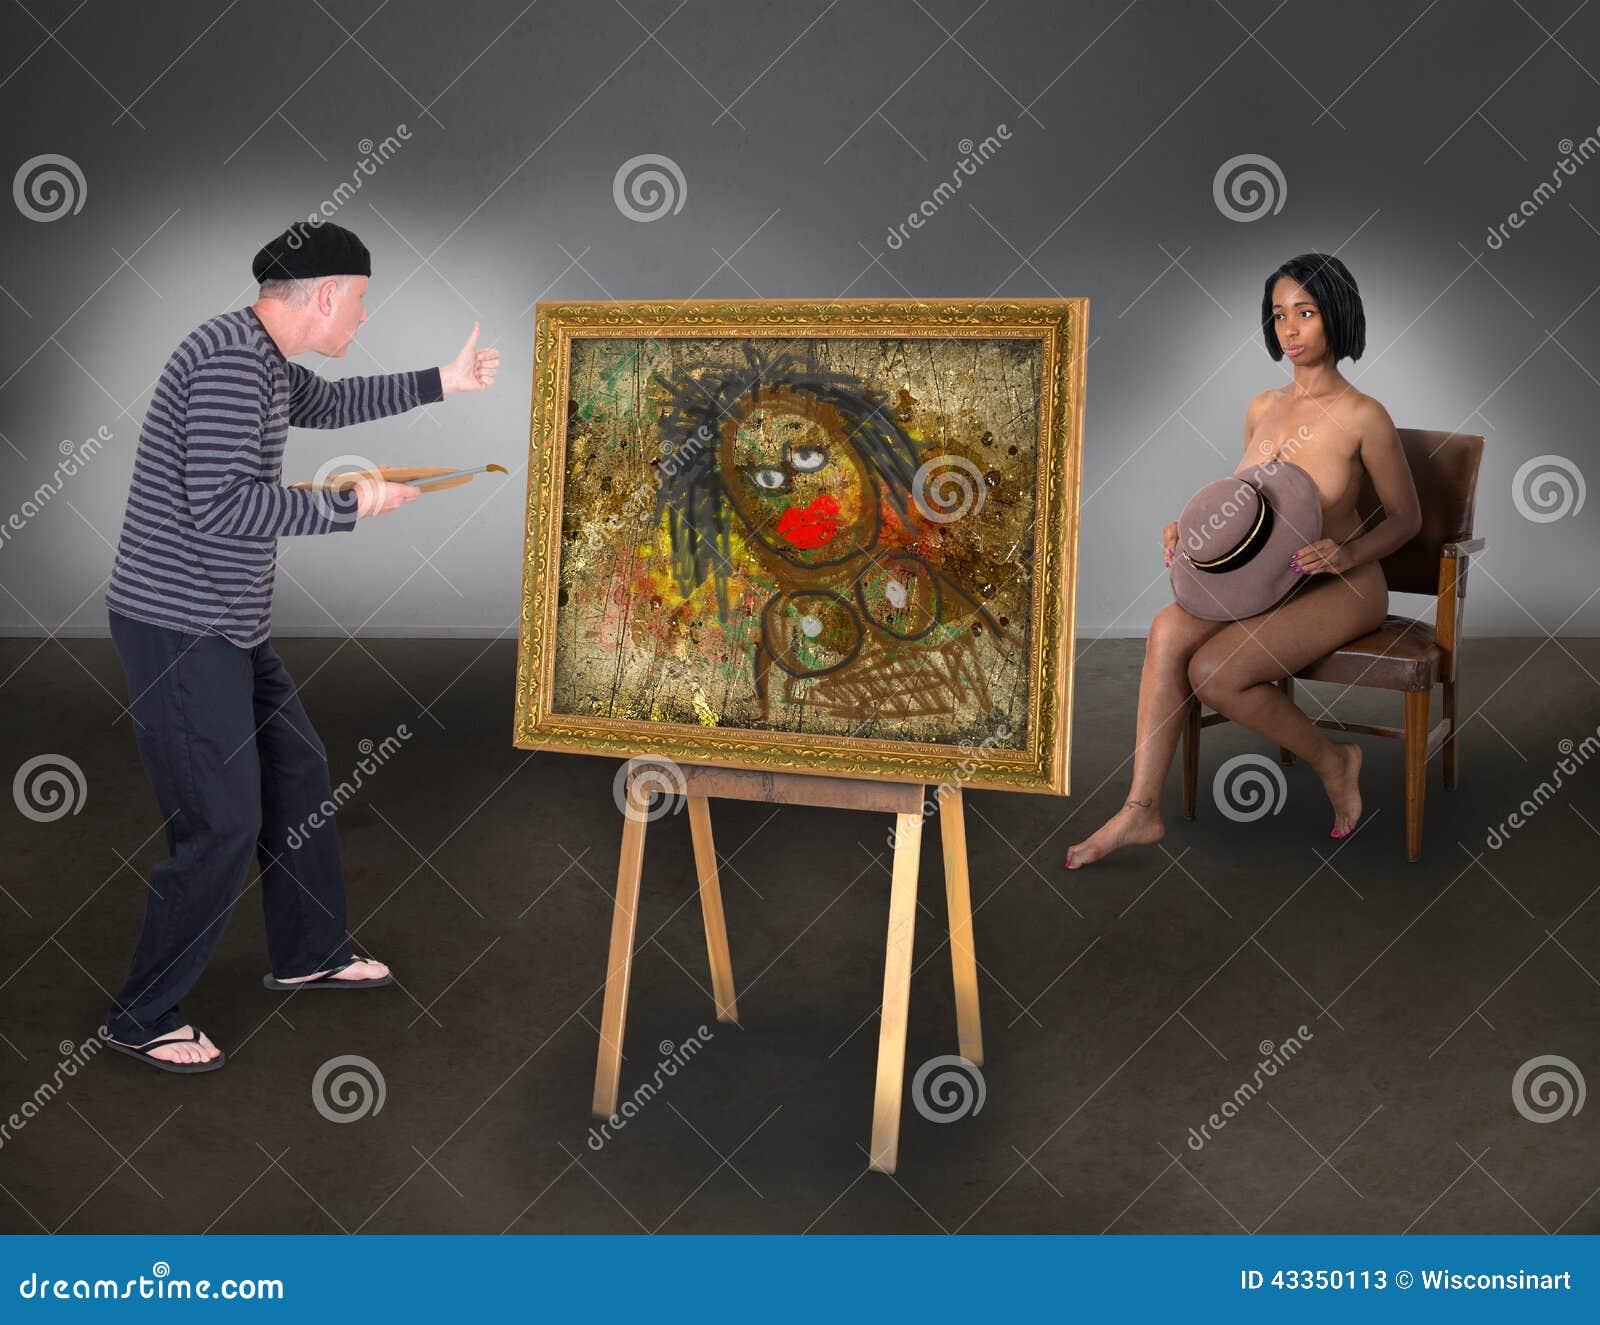 美丽的裸体模特儿妇女滑稽的艺术家画家